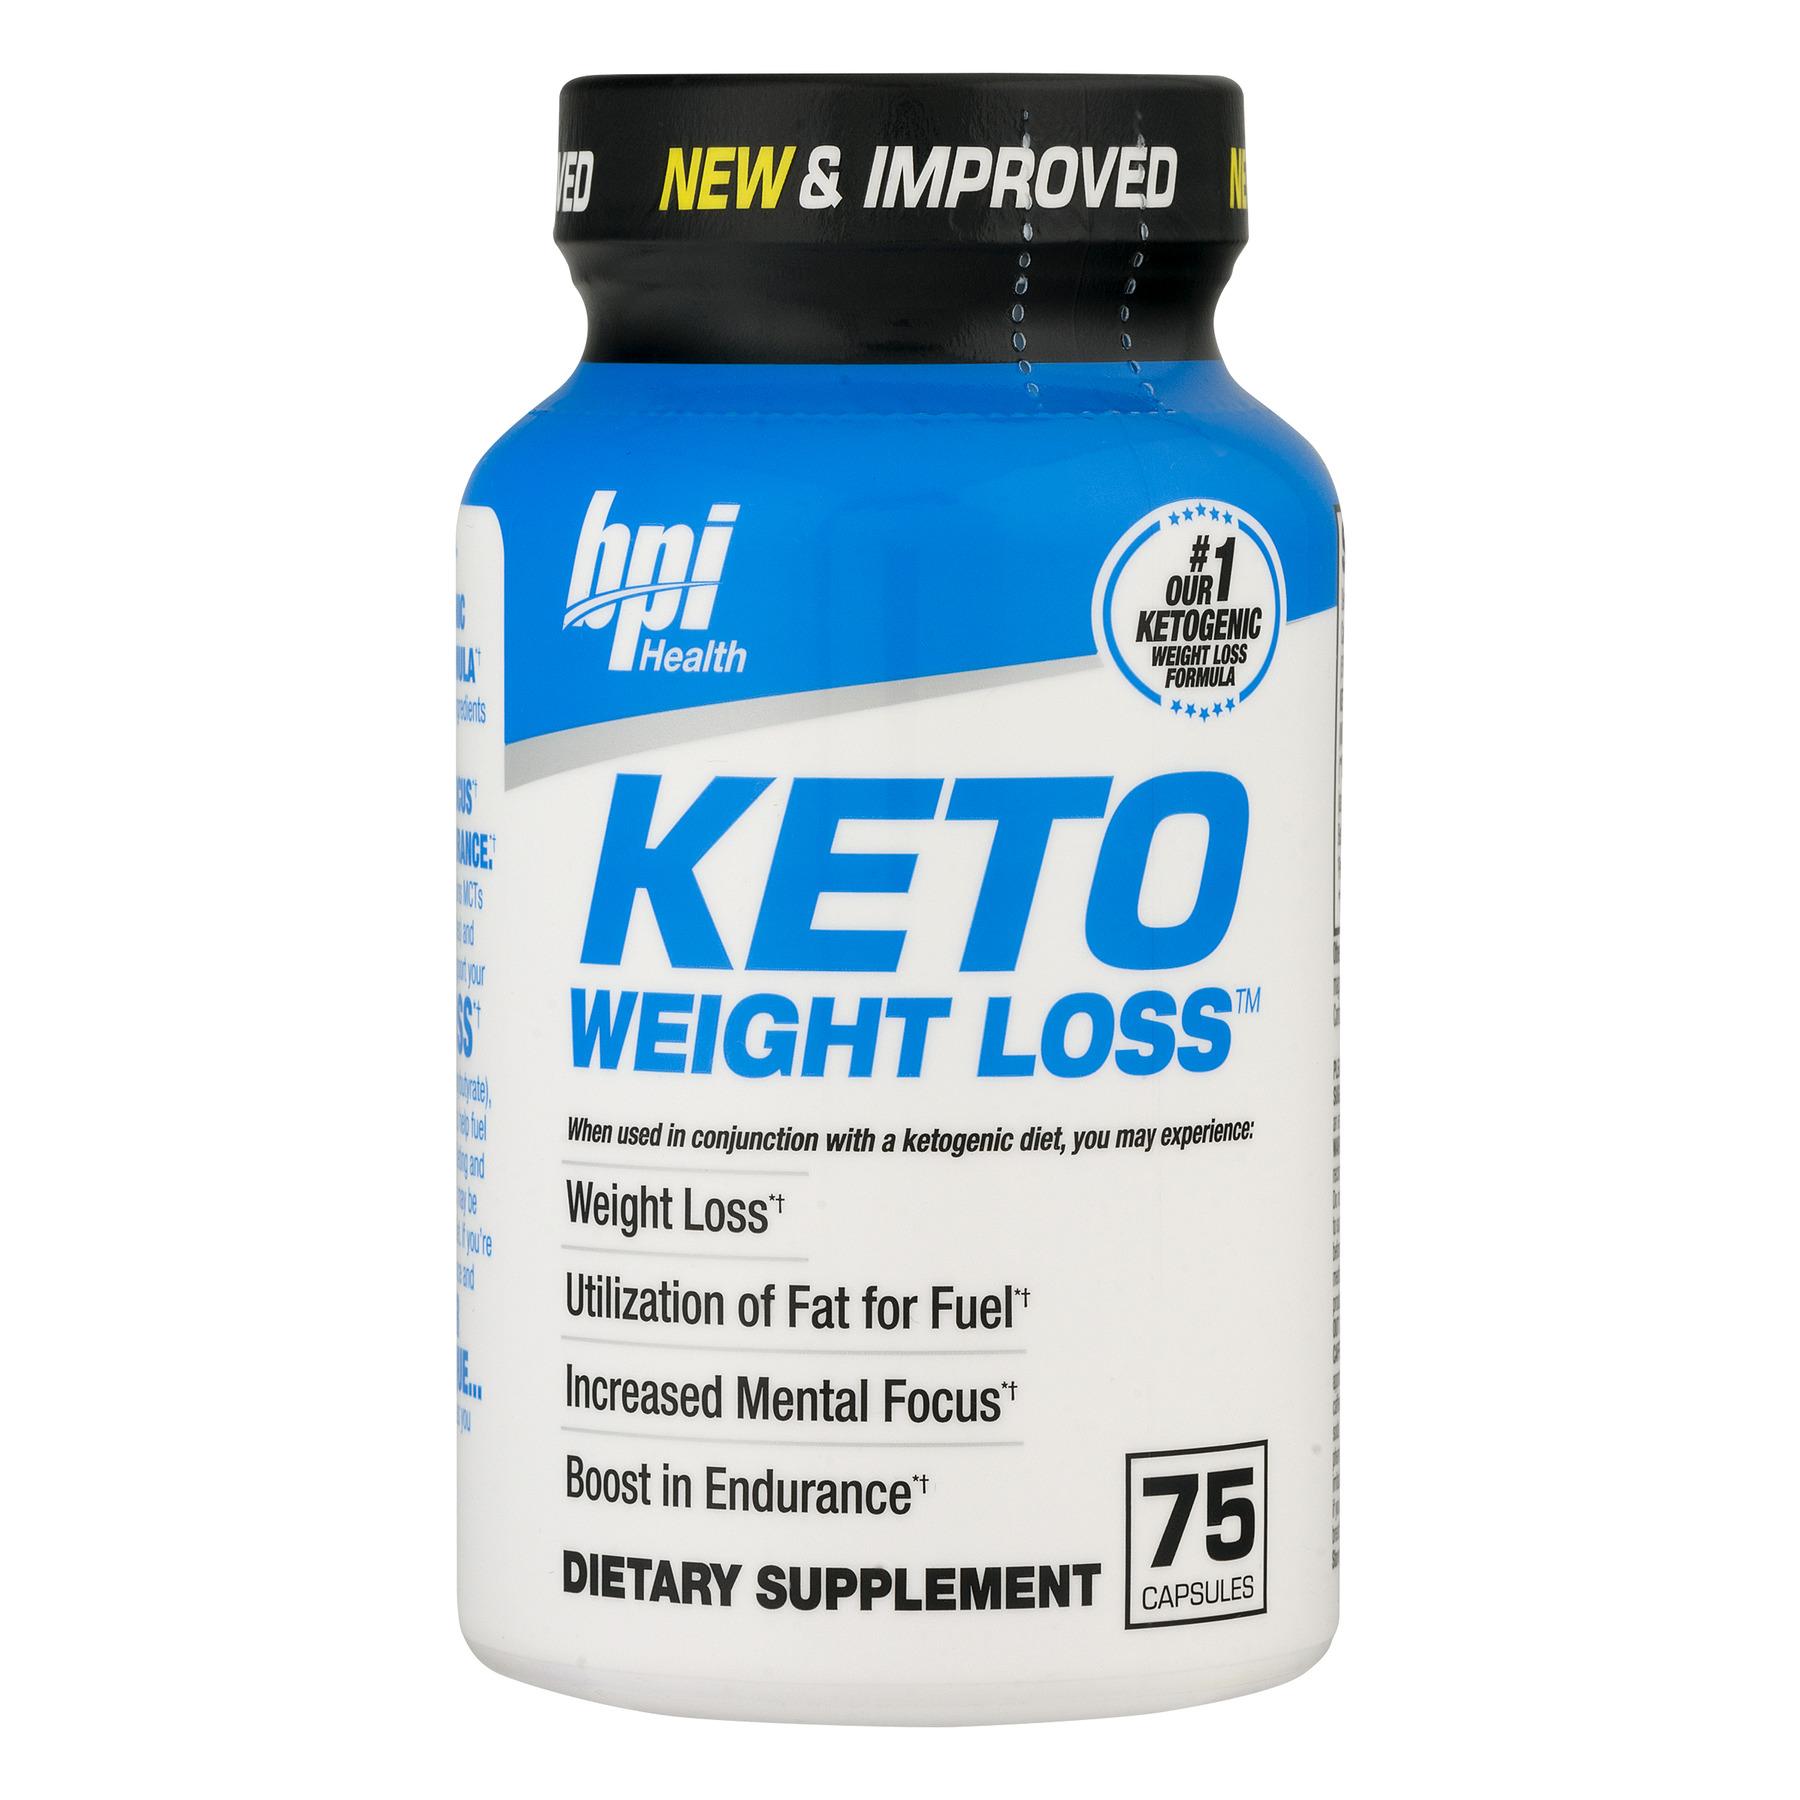 bpi Health Keto Weight Loss, 75.0 CT